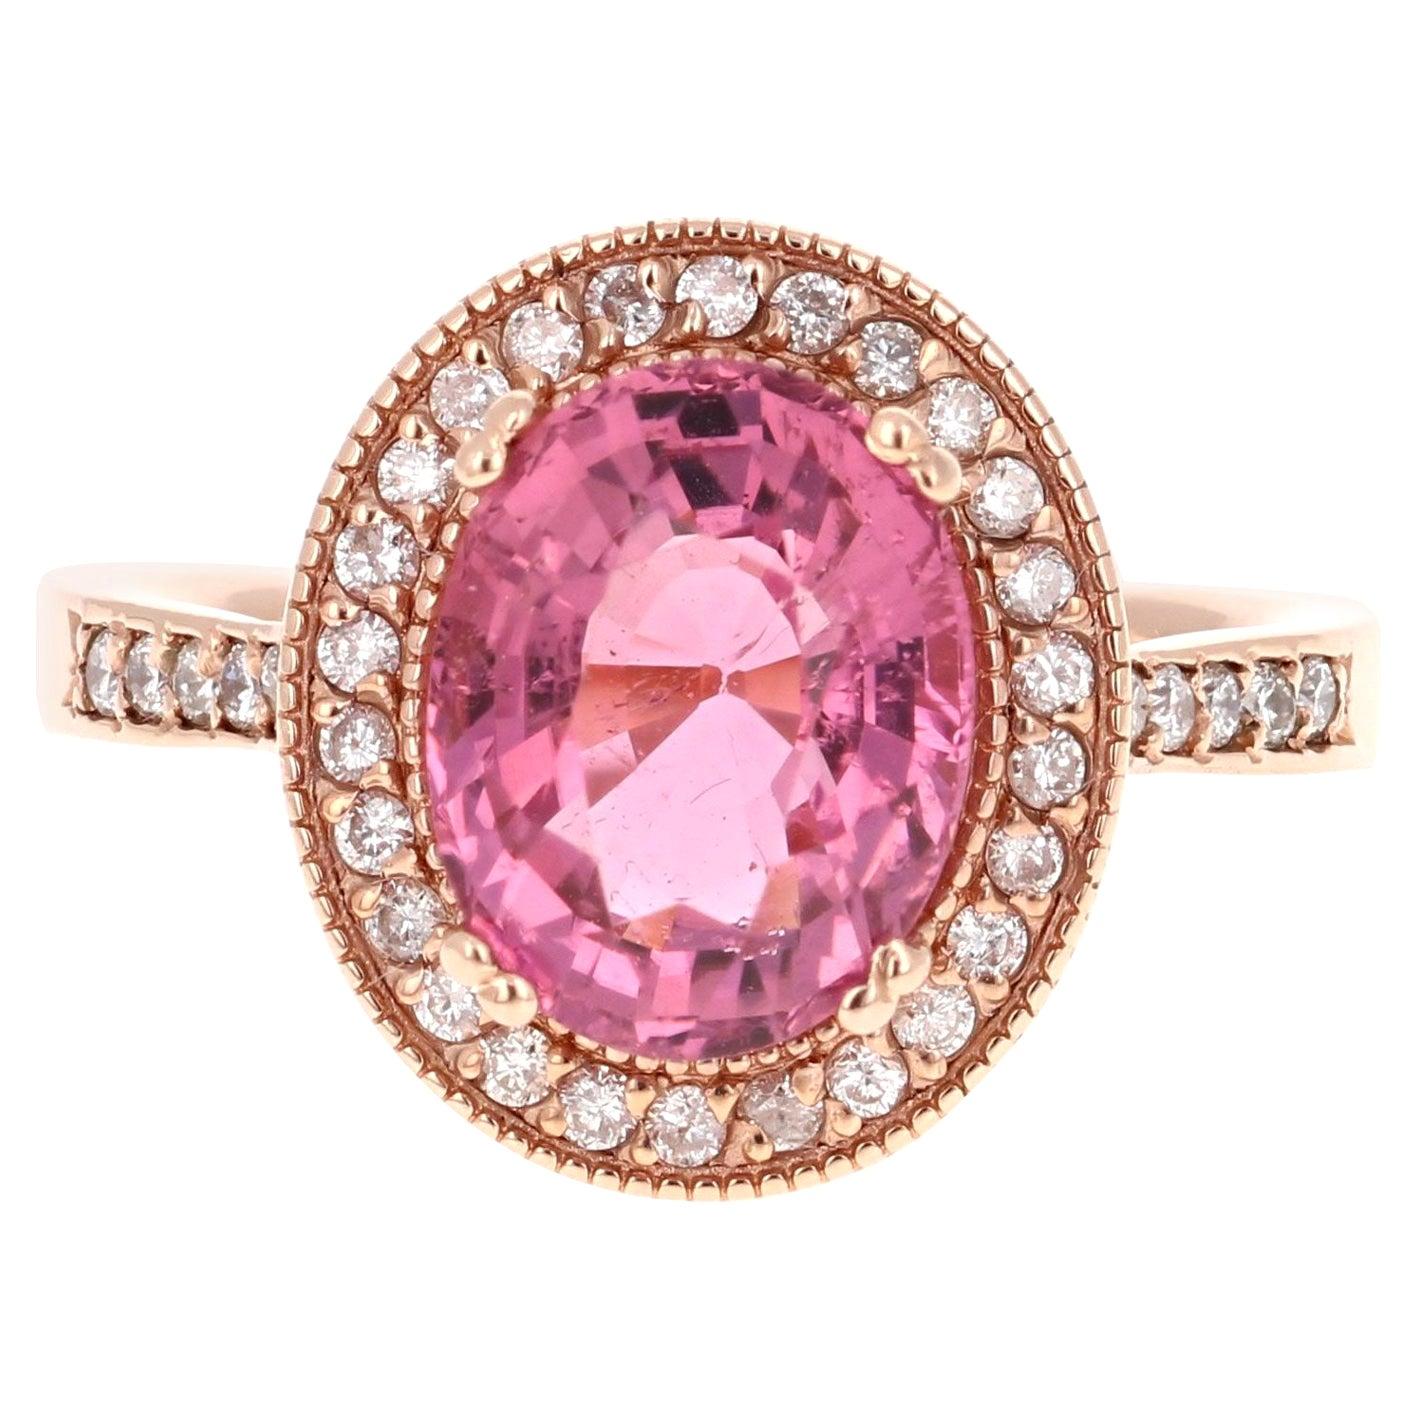 3.93 Carat Pink Tourmaline Diamond 14 Karat Rose Gold Ring